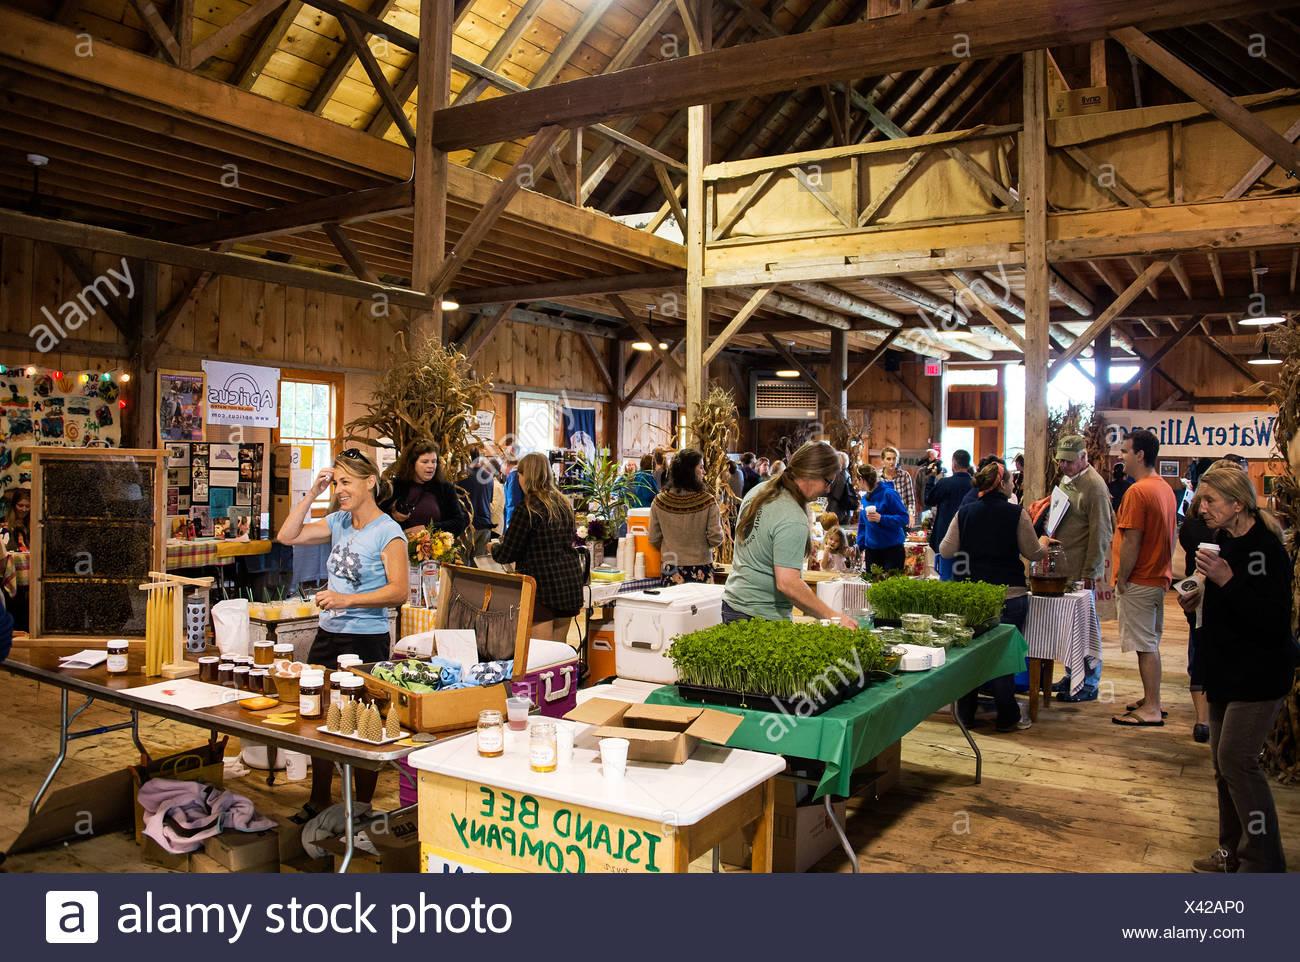 Los expositores del Martha's Vineyard viviendo Local Harvest Fest, West Tisbury, Massachusetts, EE.UU. Imagen De Stock